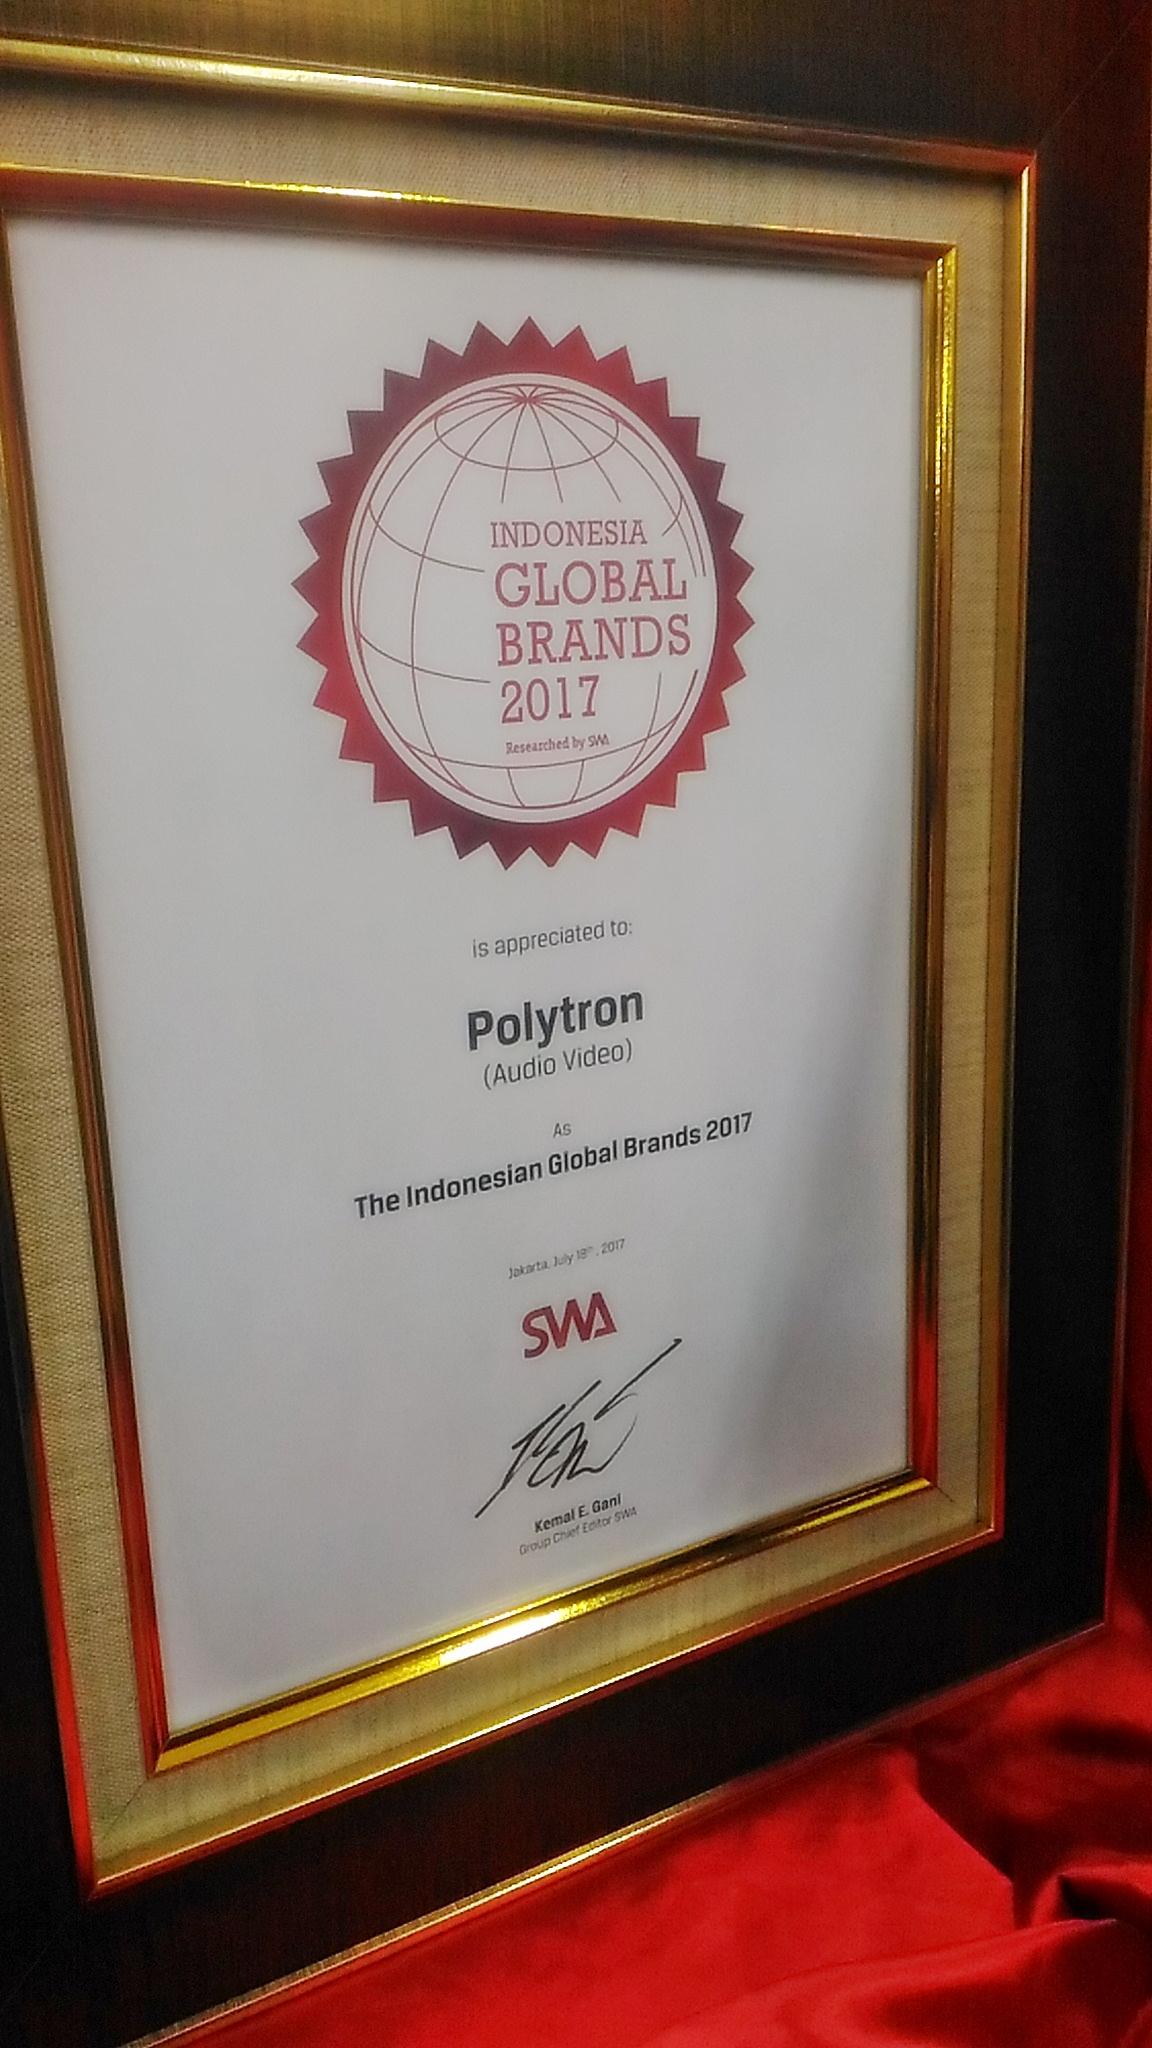 Polytron Raih Penghargaan The Indonesian Global Brands 2017